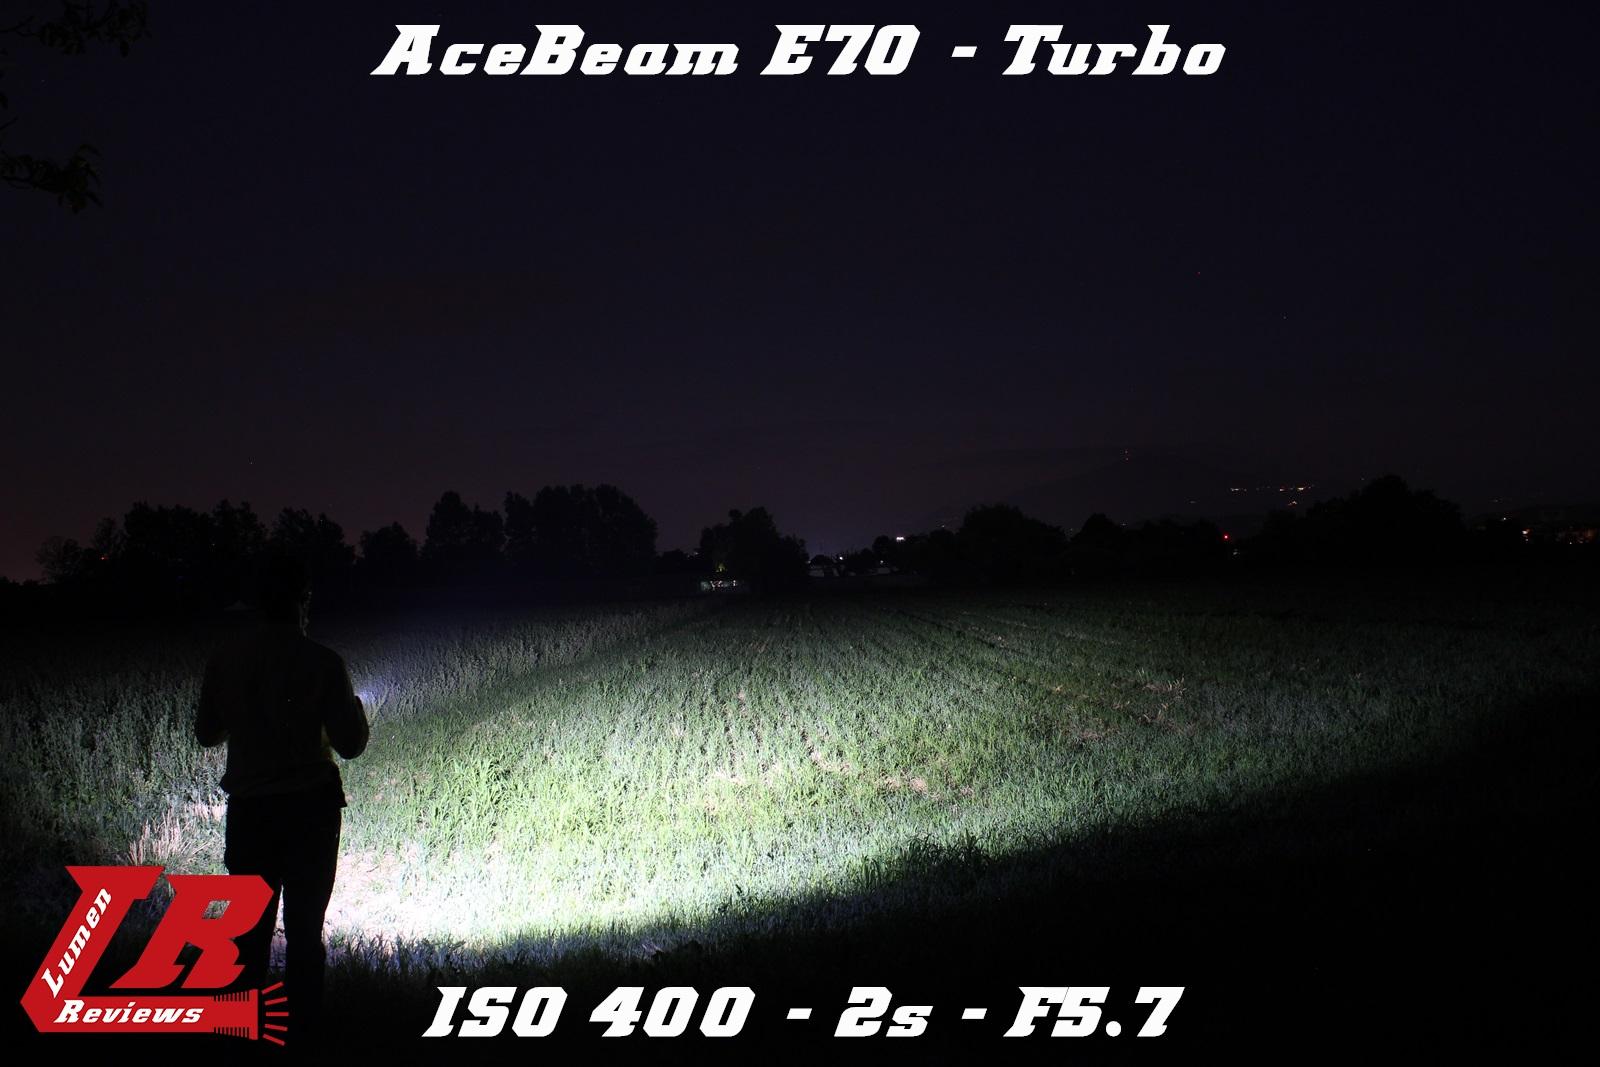 Acebeam_E70_23.jpg